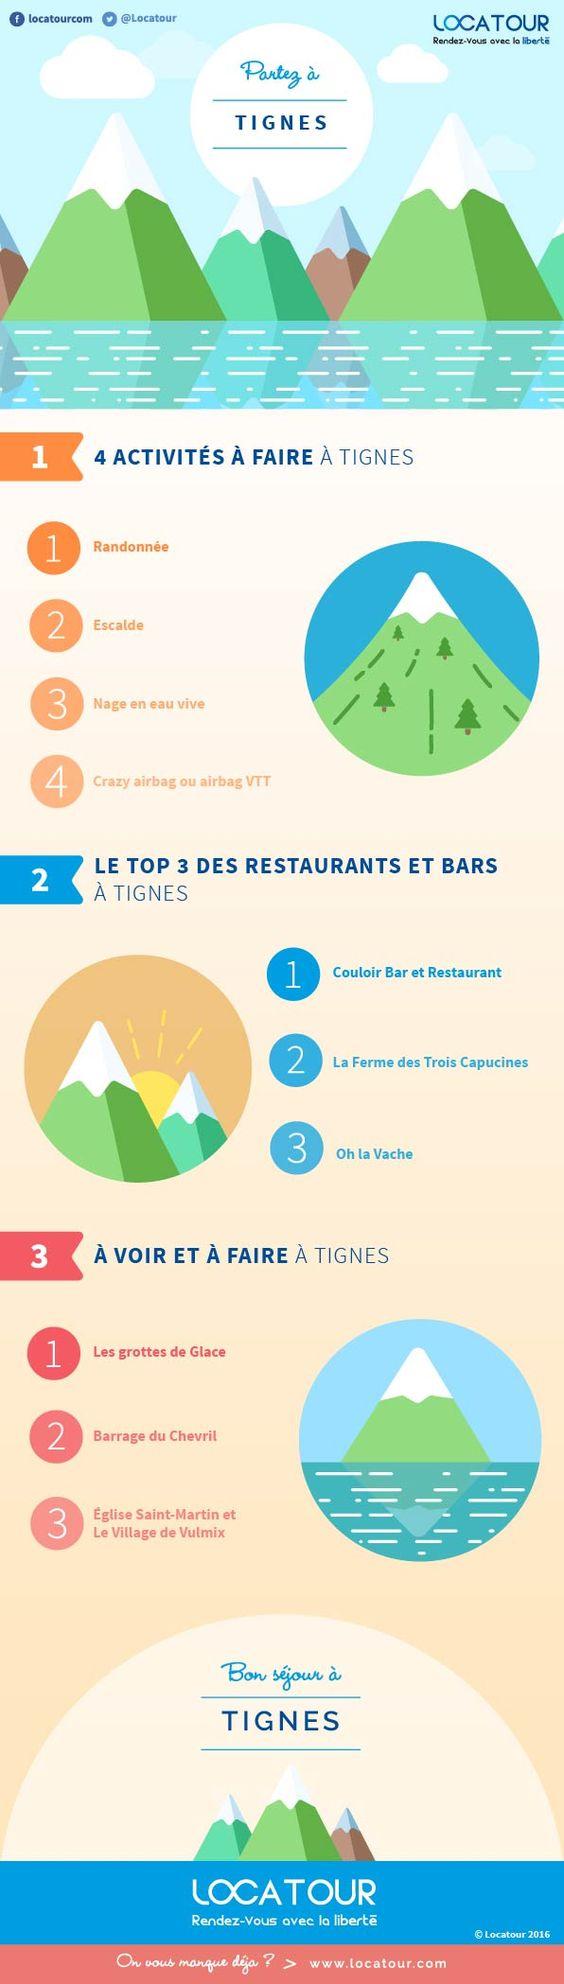 #infographie- Montagne été : Encore plus de destinations ! Encore plus d'activités grâce à Tignes- Découvrez toutes les activités, les restaurants et les lieux à visiter en un seul regard ! #etourisme#montagne